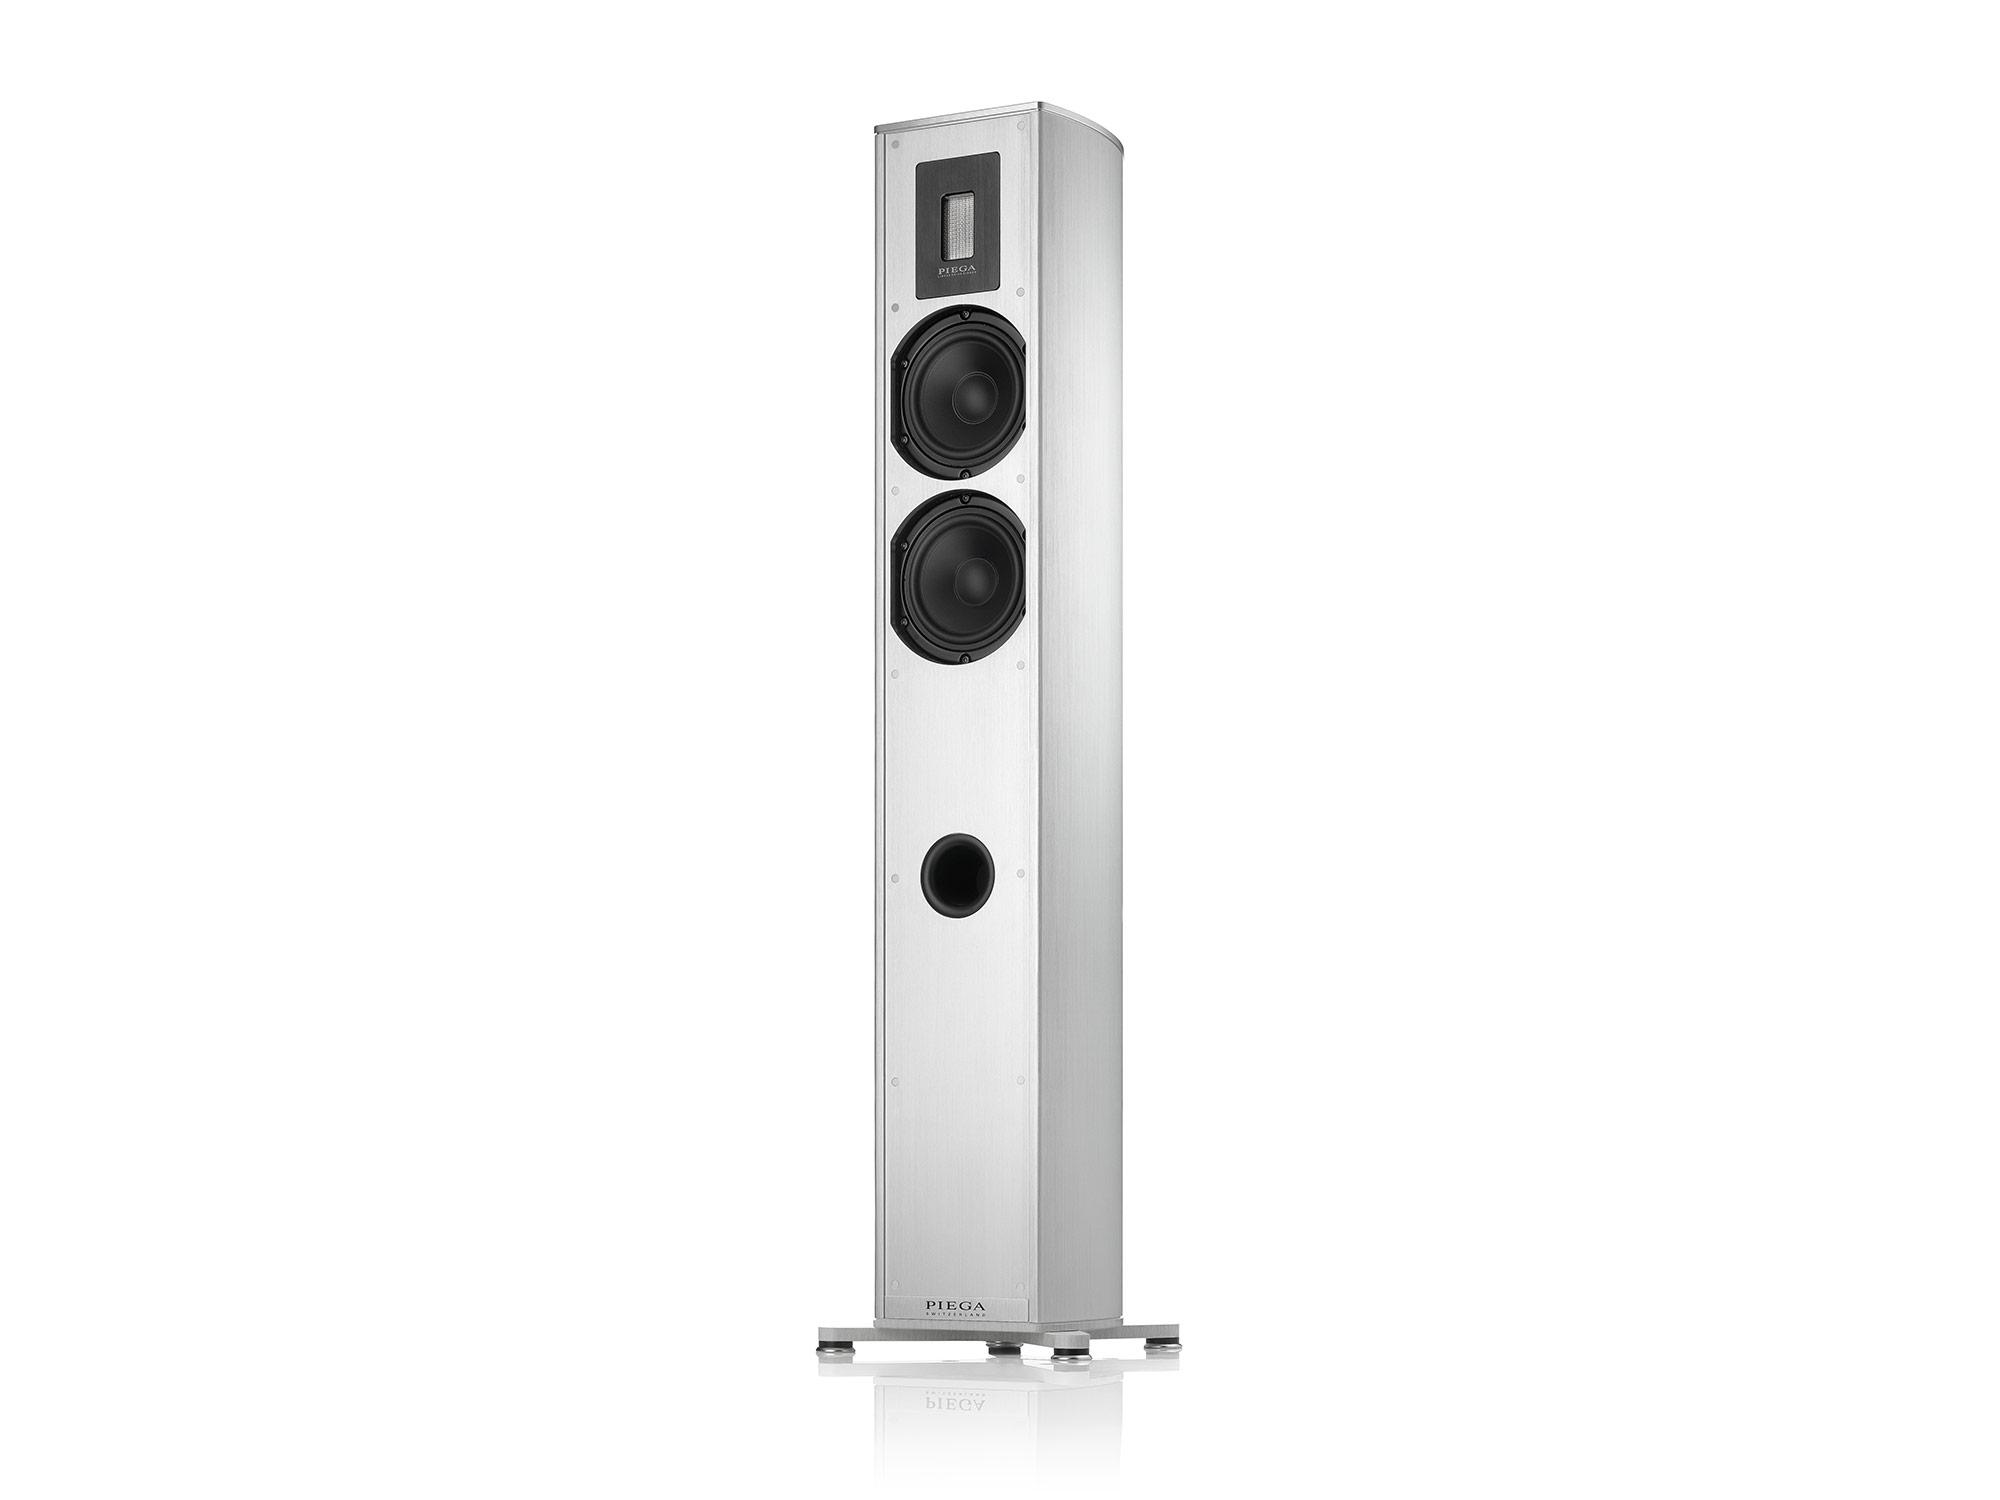 Piega Premium 701 Stand-Lautsprecher